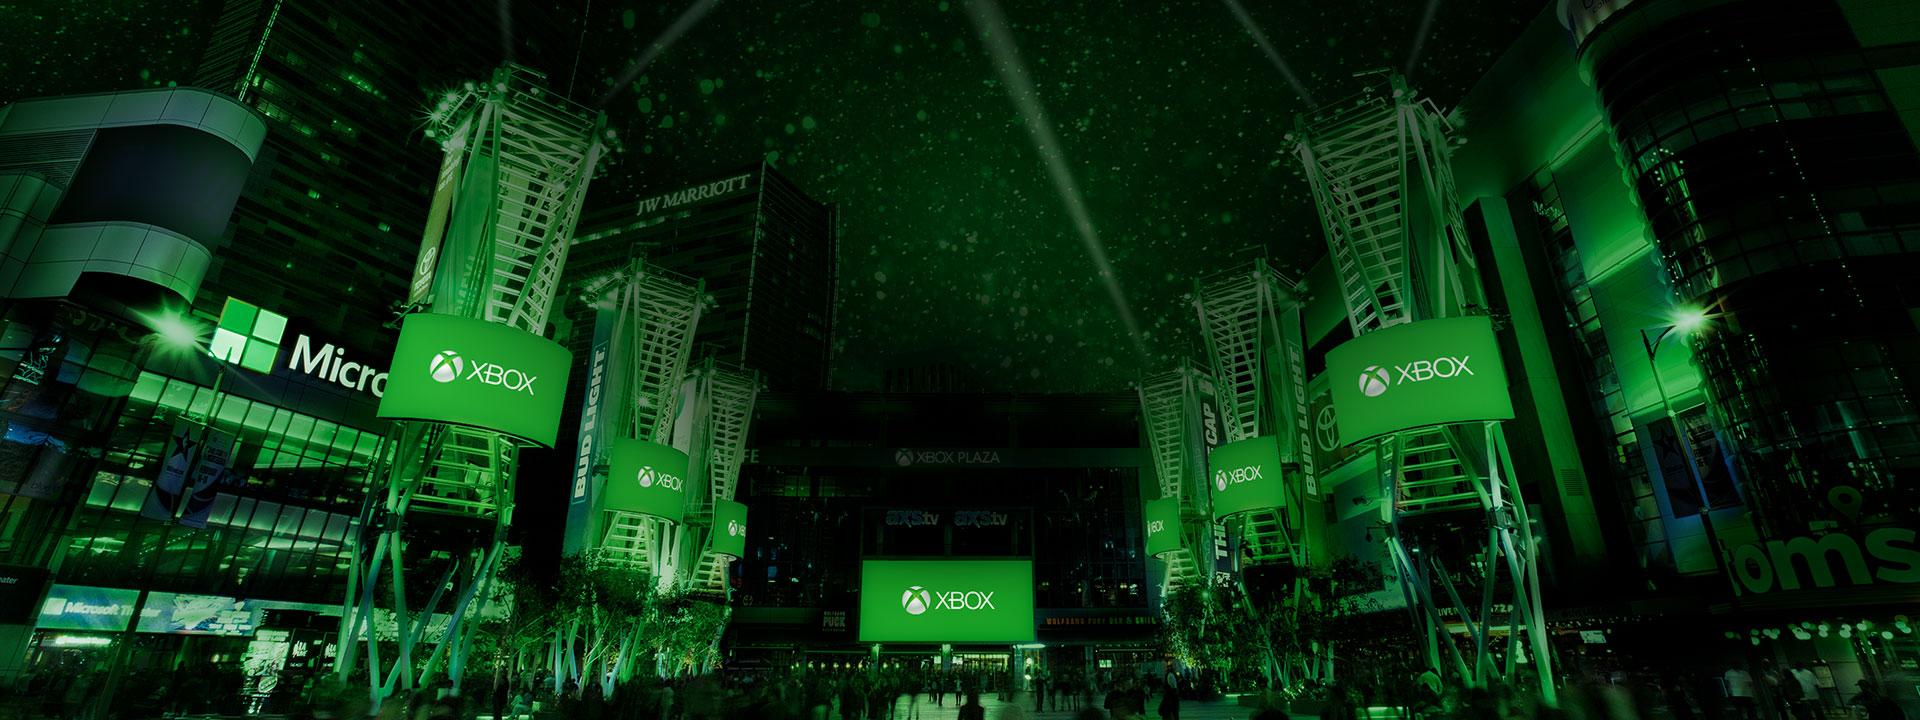 Xbox at E3 2019